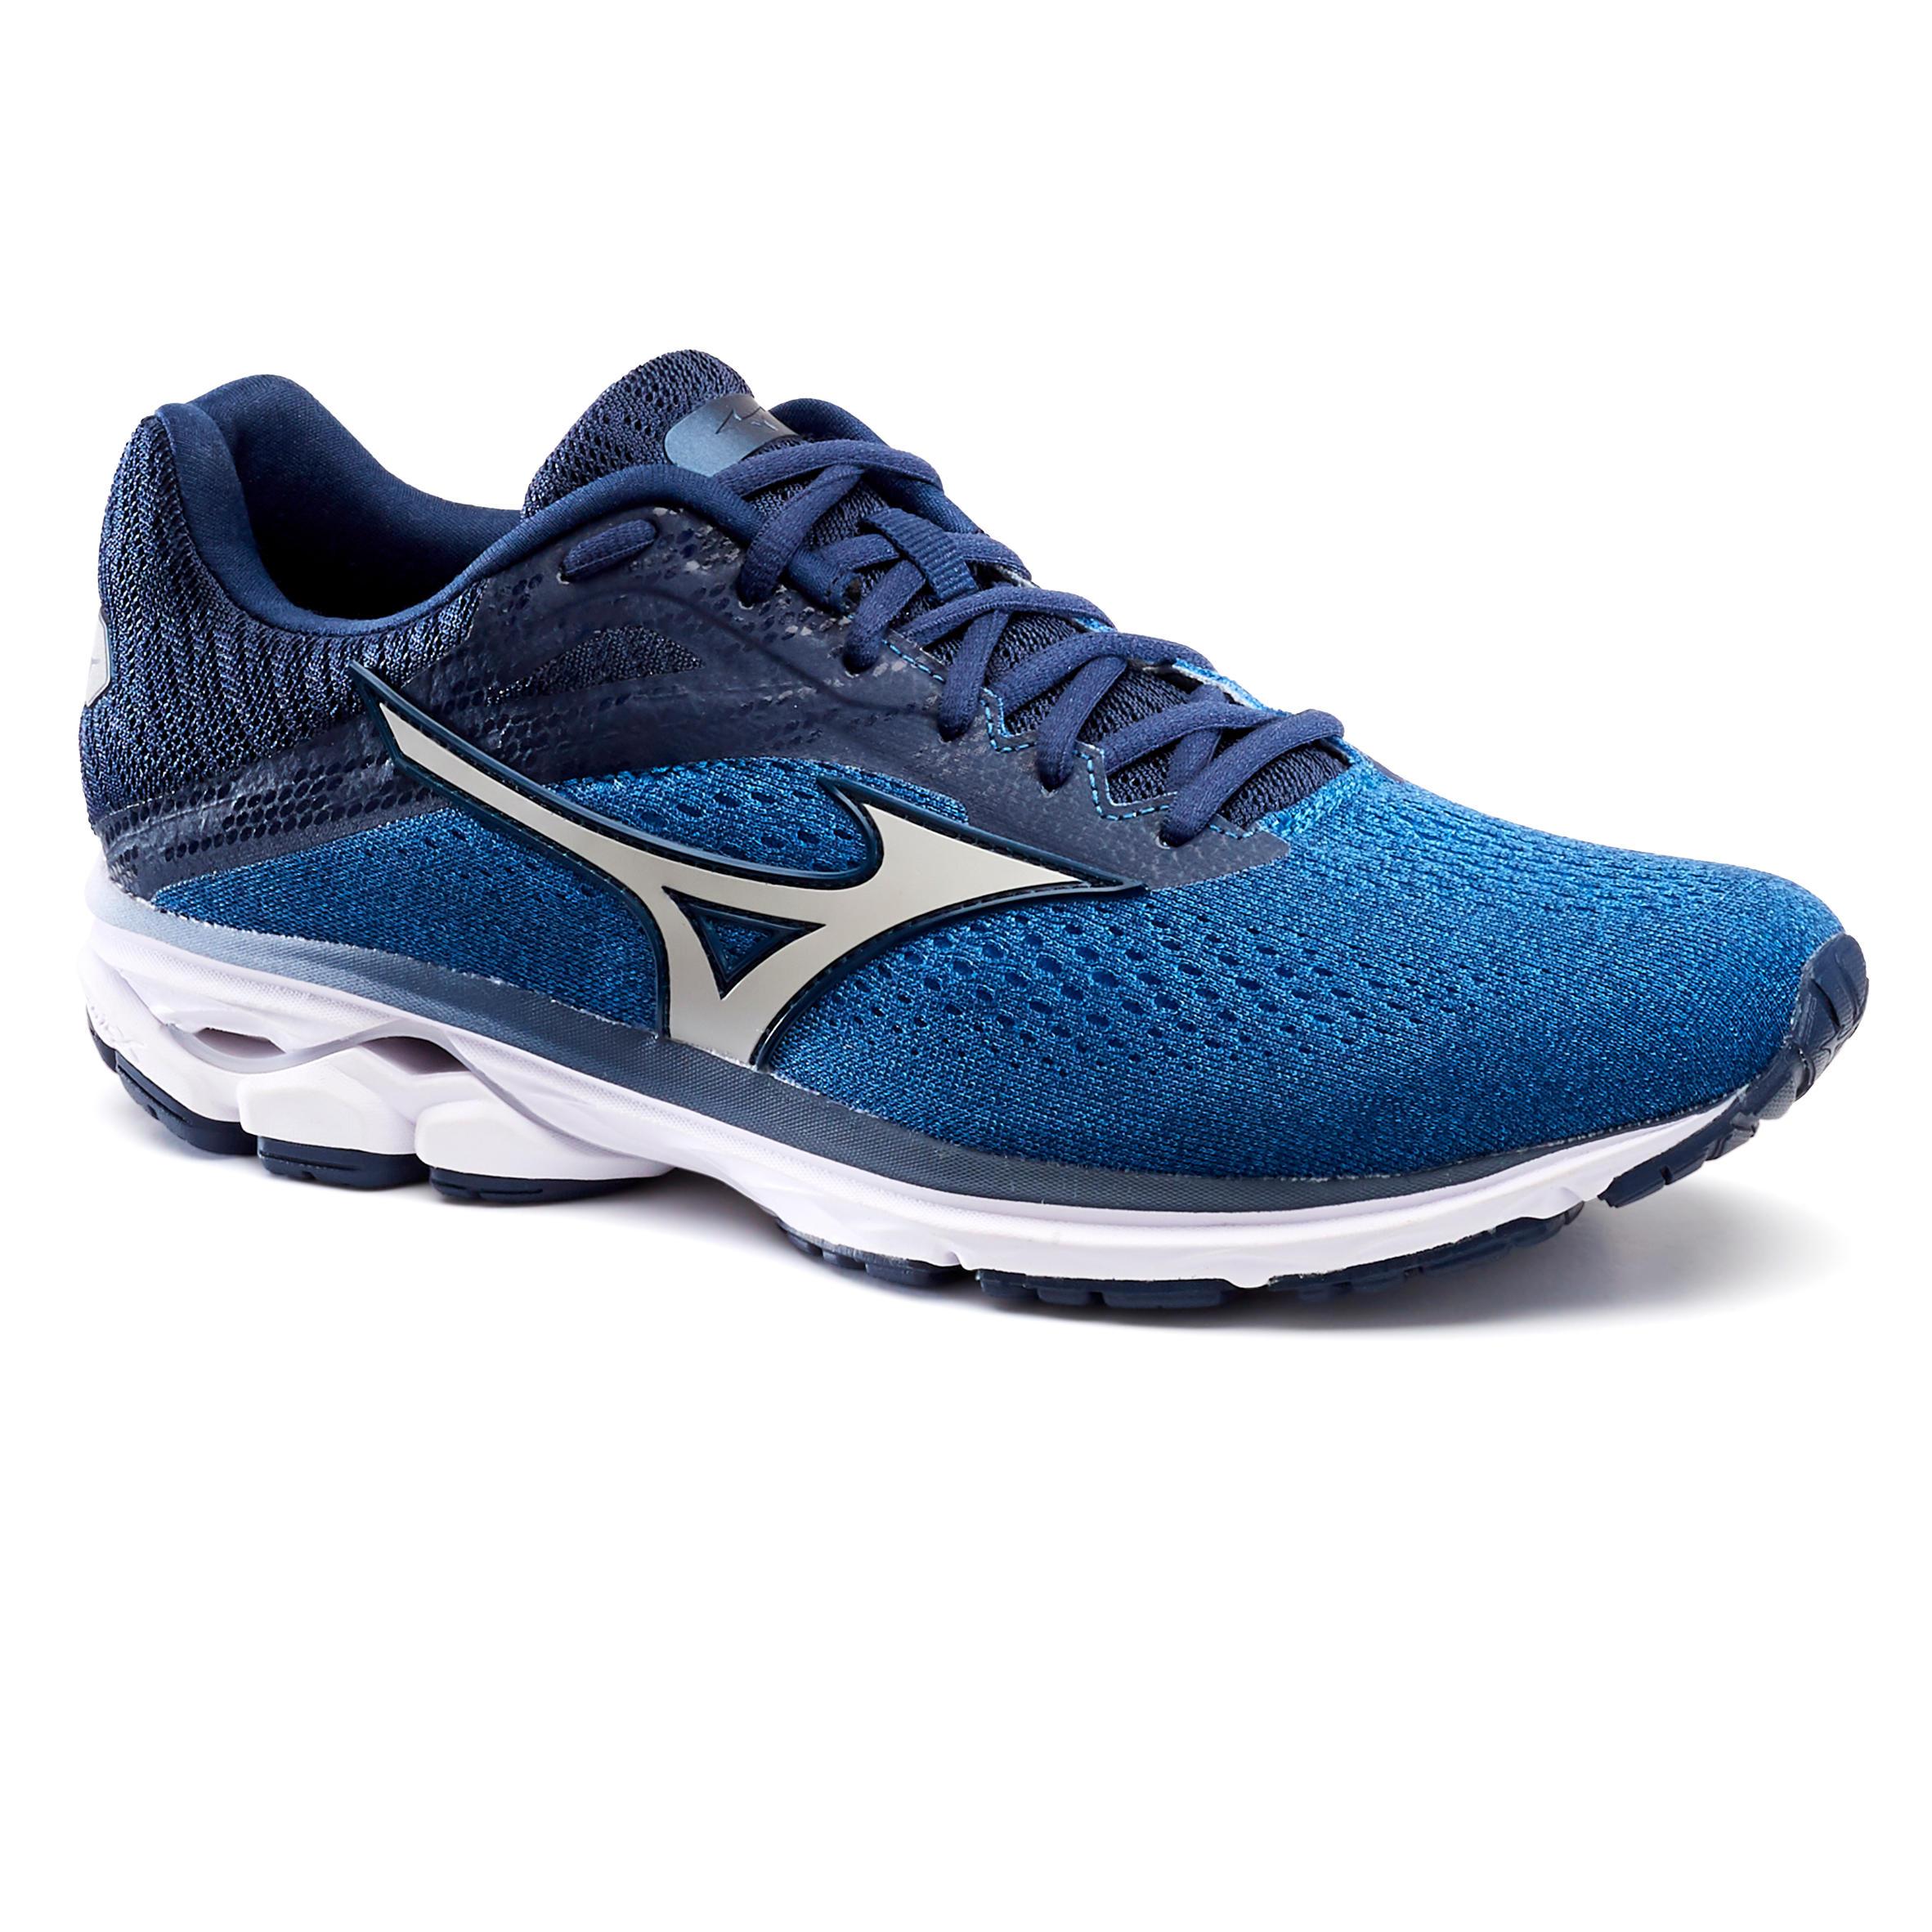 zapatillas mizuno running decathlon